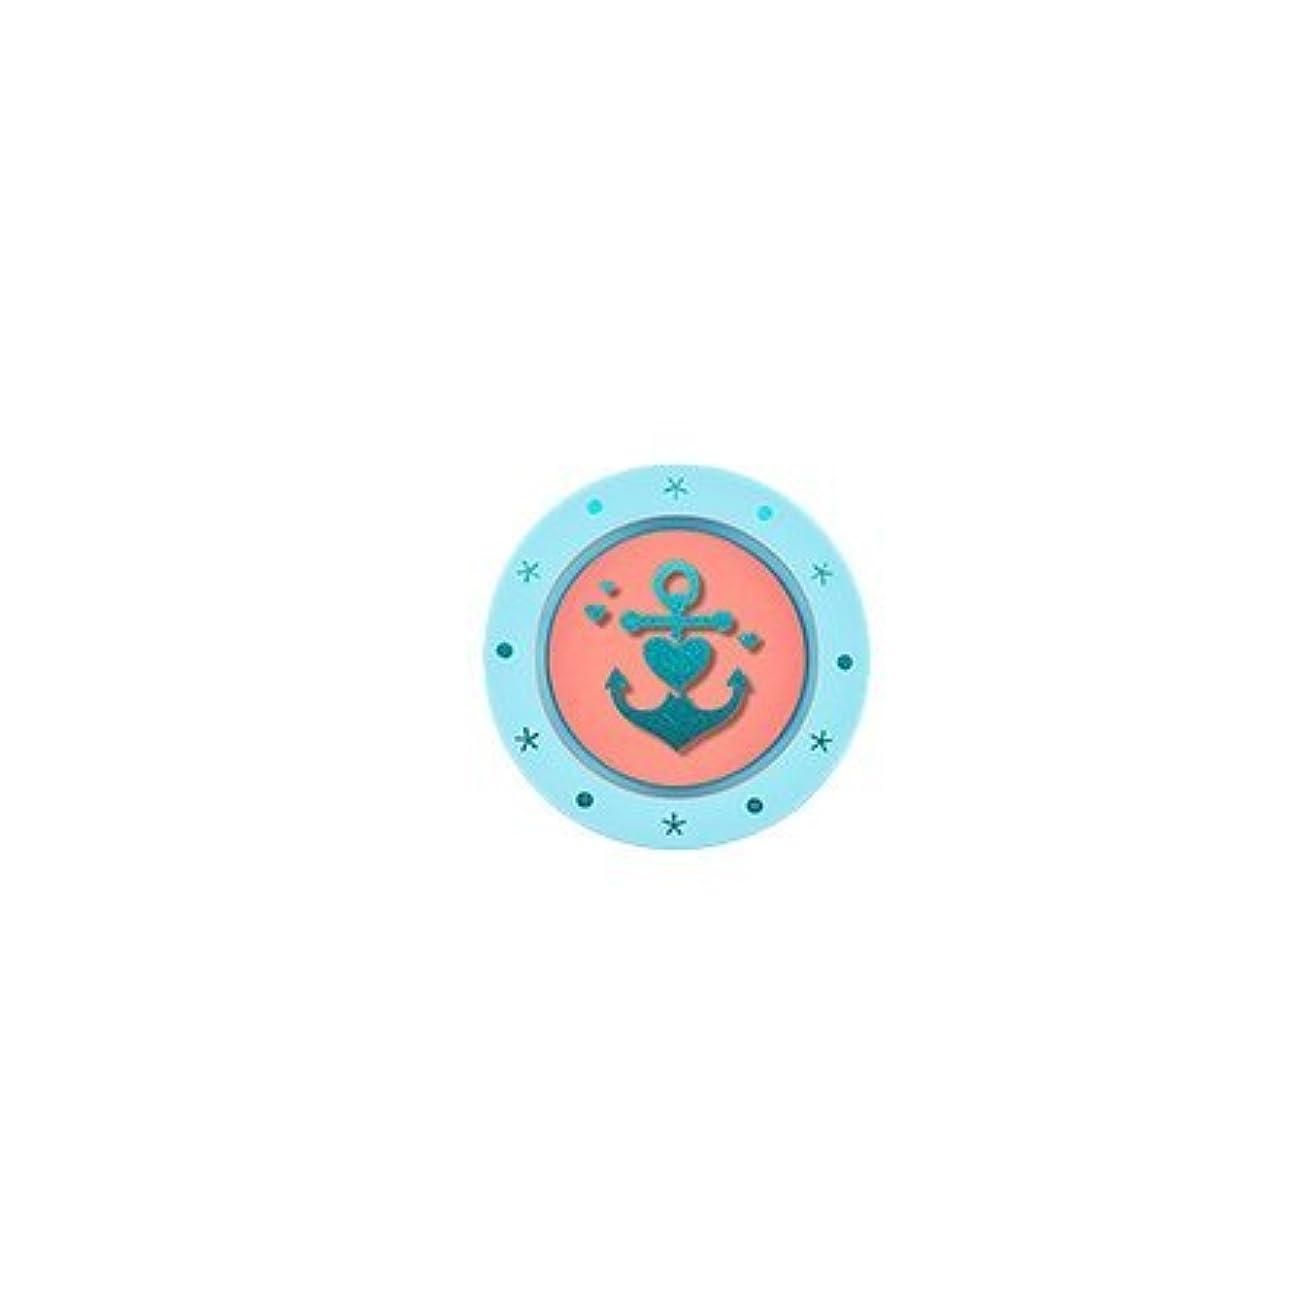 契約する非難する適合しましたアリタウム マーメイド コレクション モノ アイズ 1.4g / ARITAUM Mono Eyes Mermaid Collection (# M21 Coral Bay) [並行輸入品]